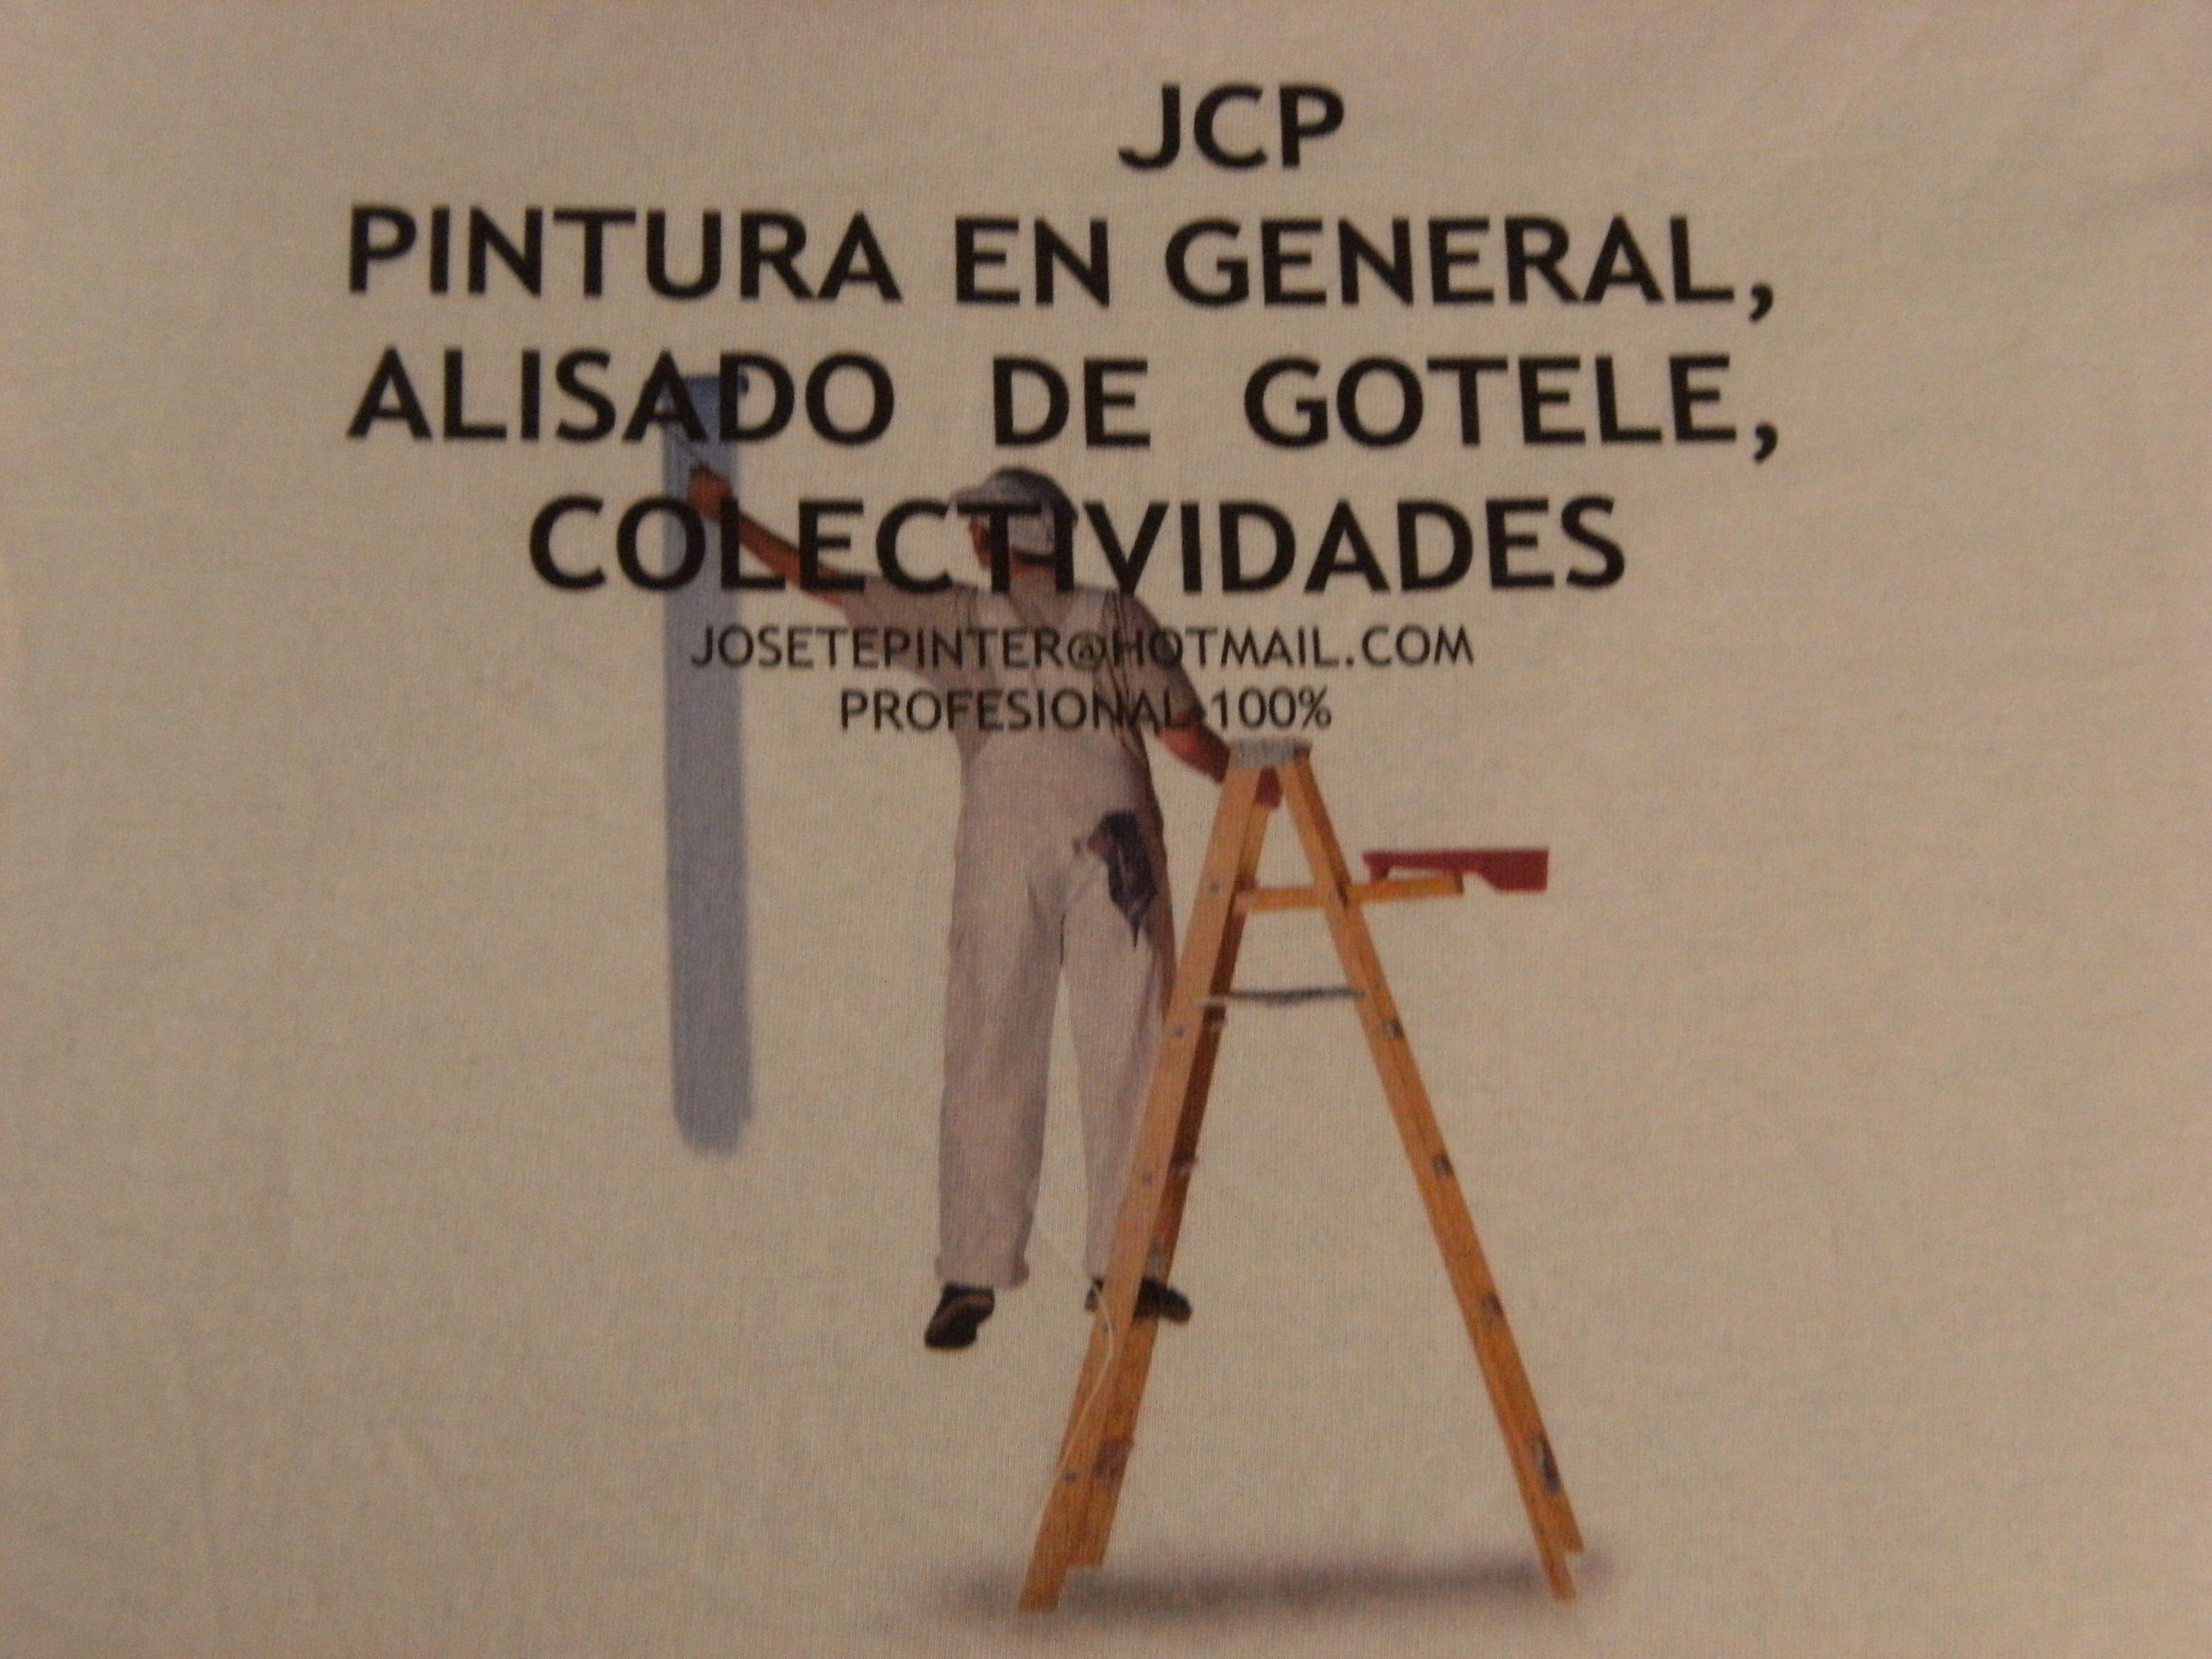 Jcp Impermeabilizaciones,pintura Y Alisados